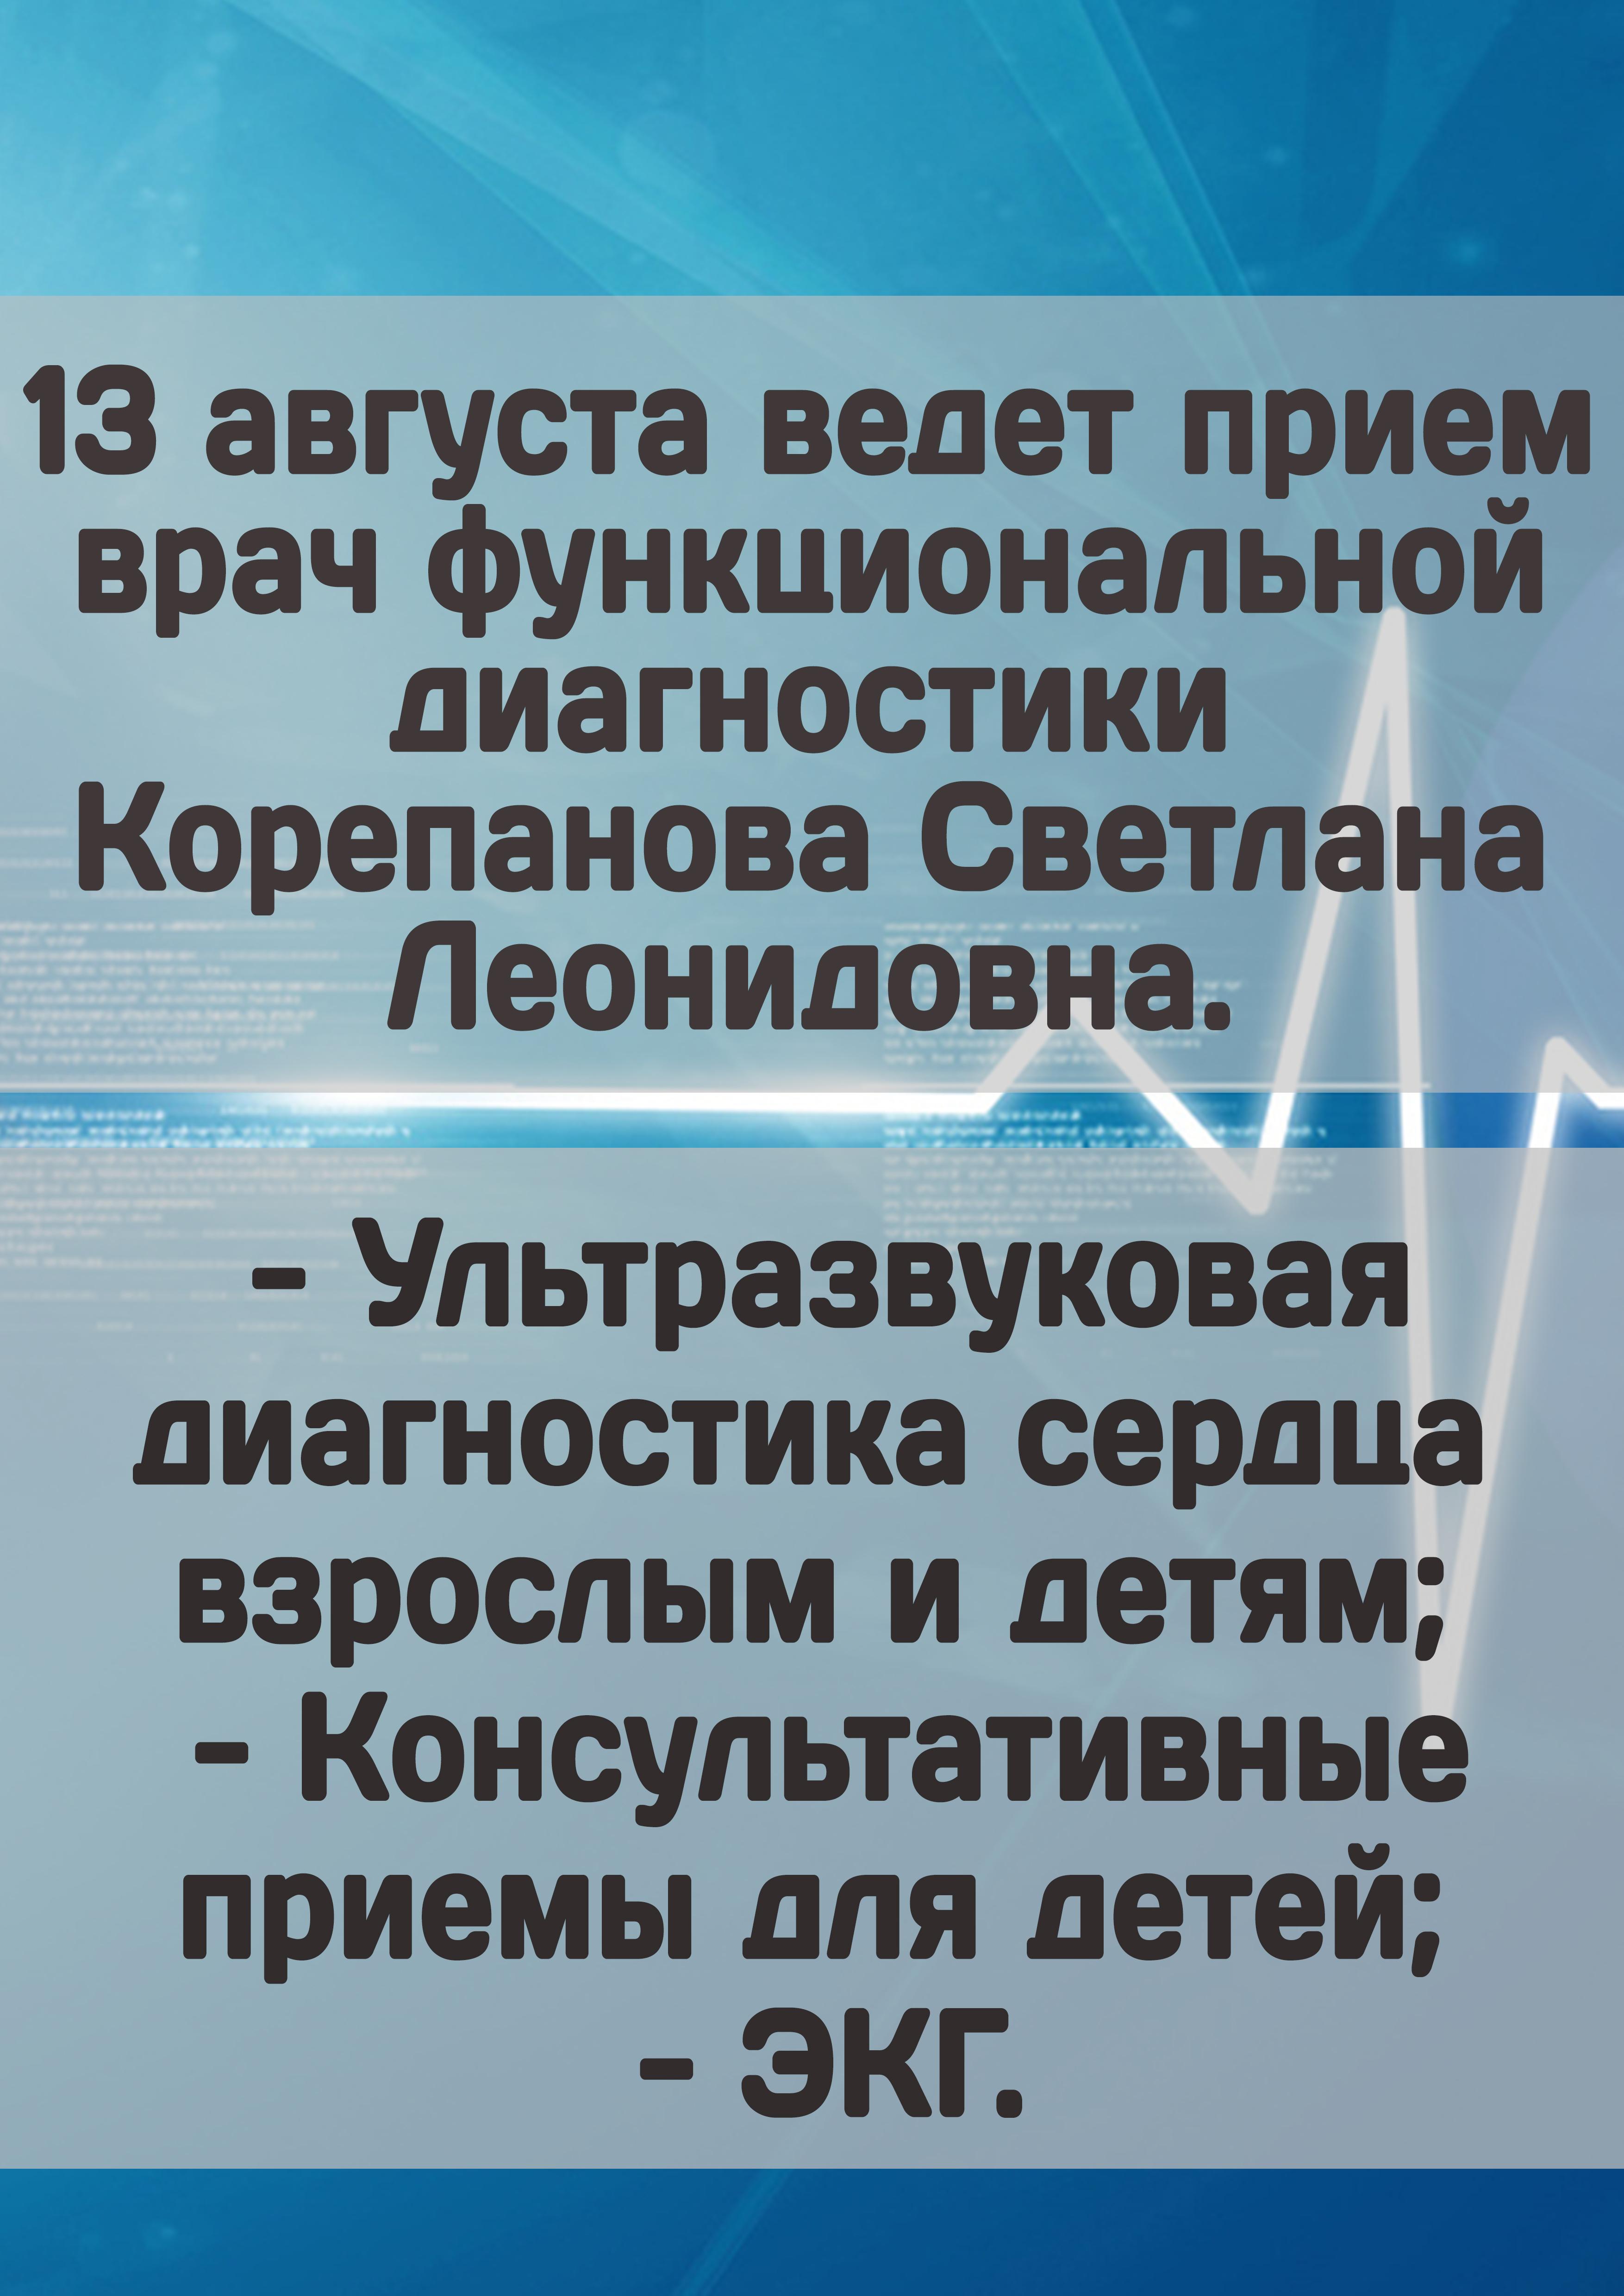 Корепанова С.Л.